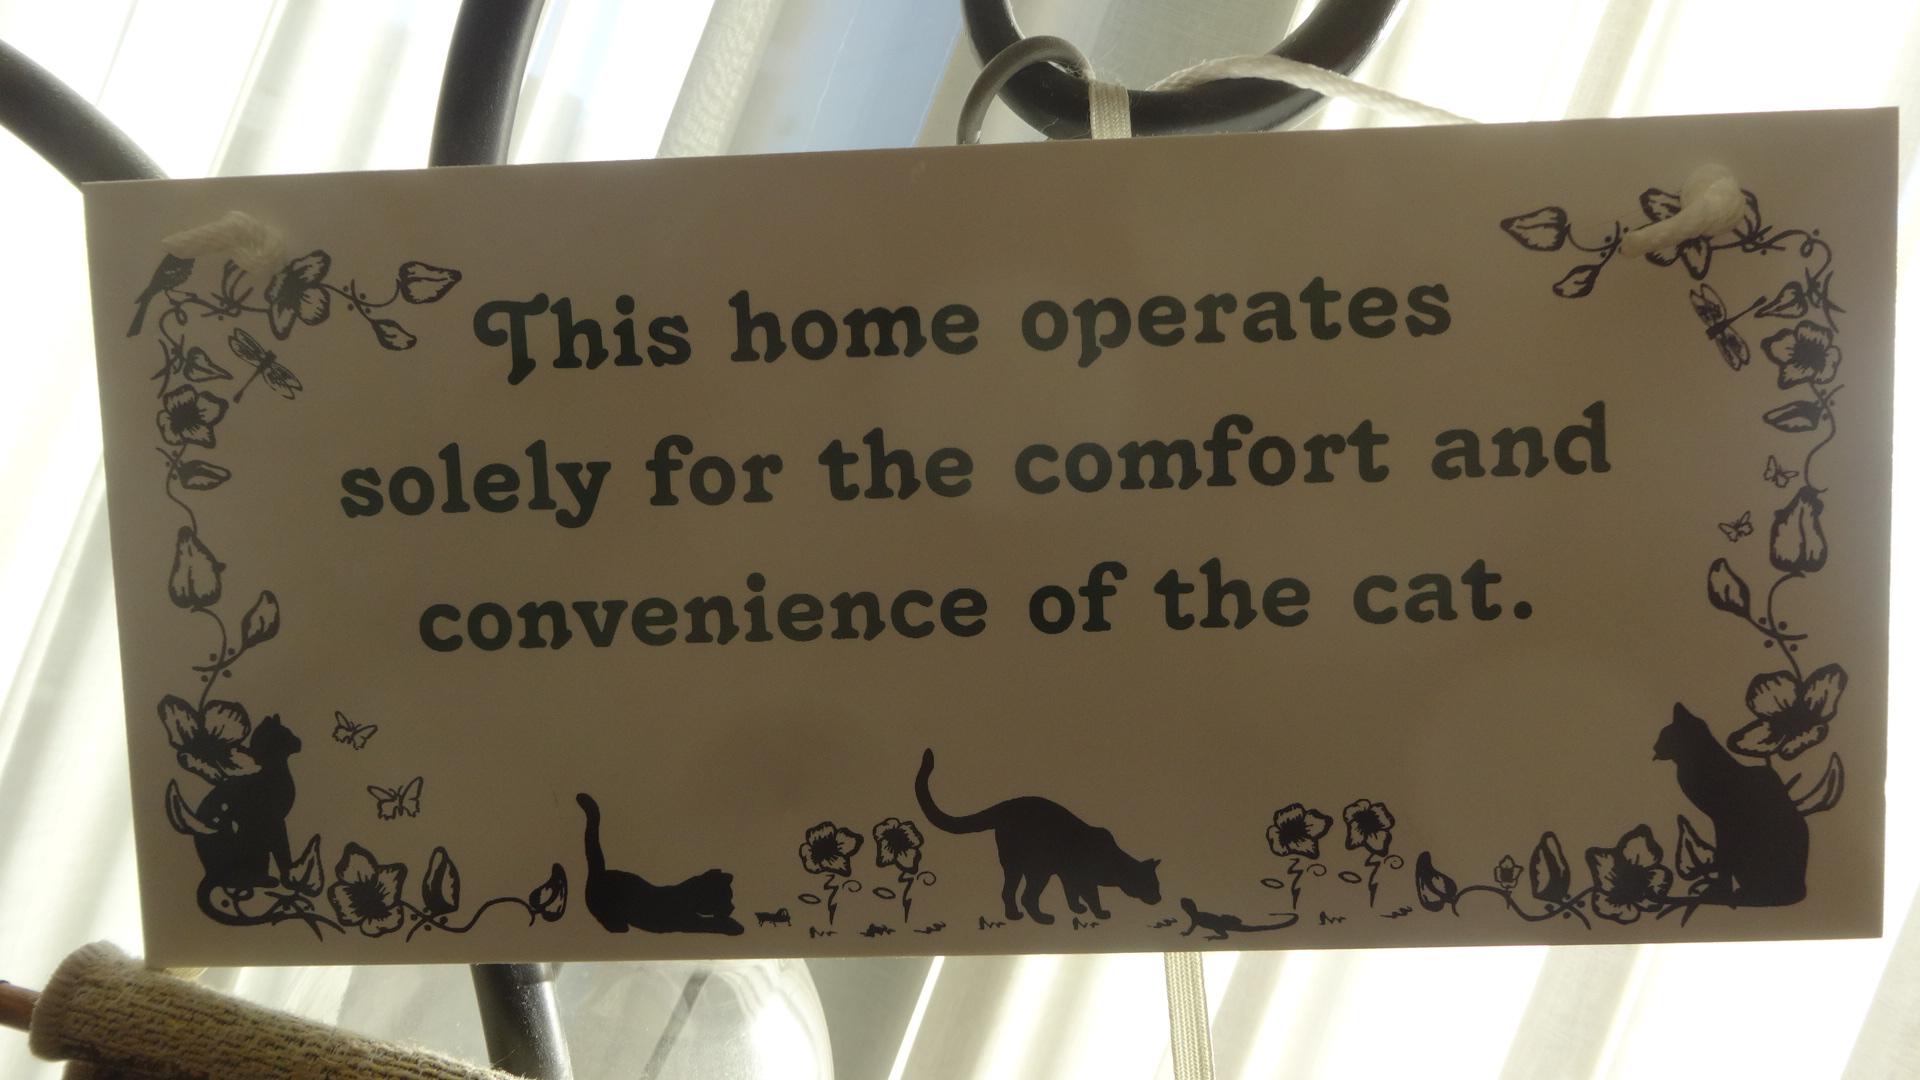 この家でいちばん大事なことはネコが 快適に便利に暮らせることです と書かれた標語